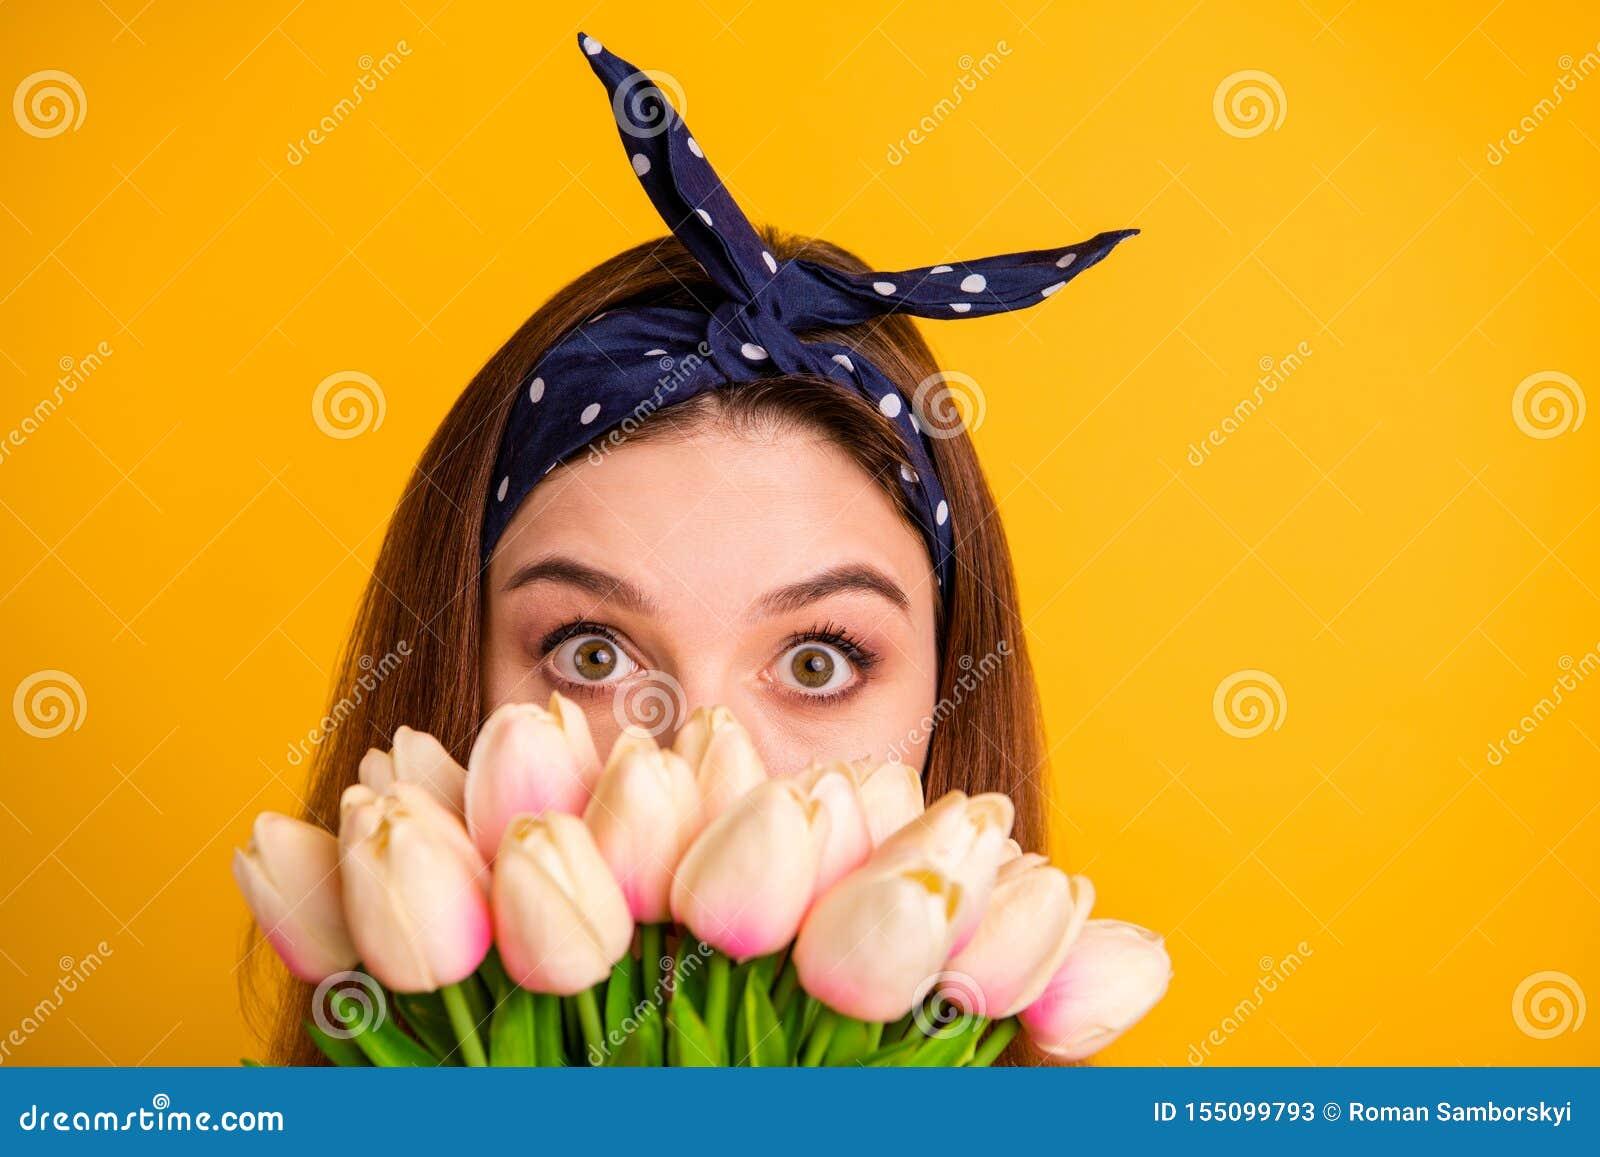 播种的特写镜头画象她她掩藏在新桃红色后的好可爱的可爱的滑稽的直发的女孩卖花人